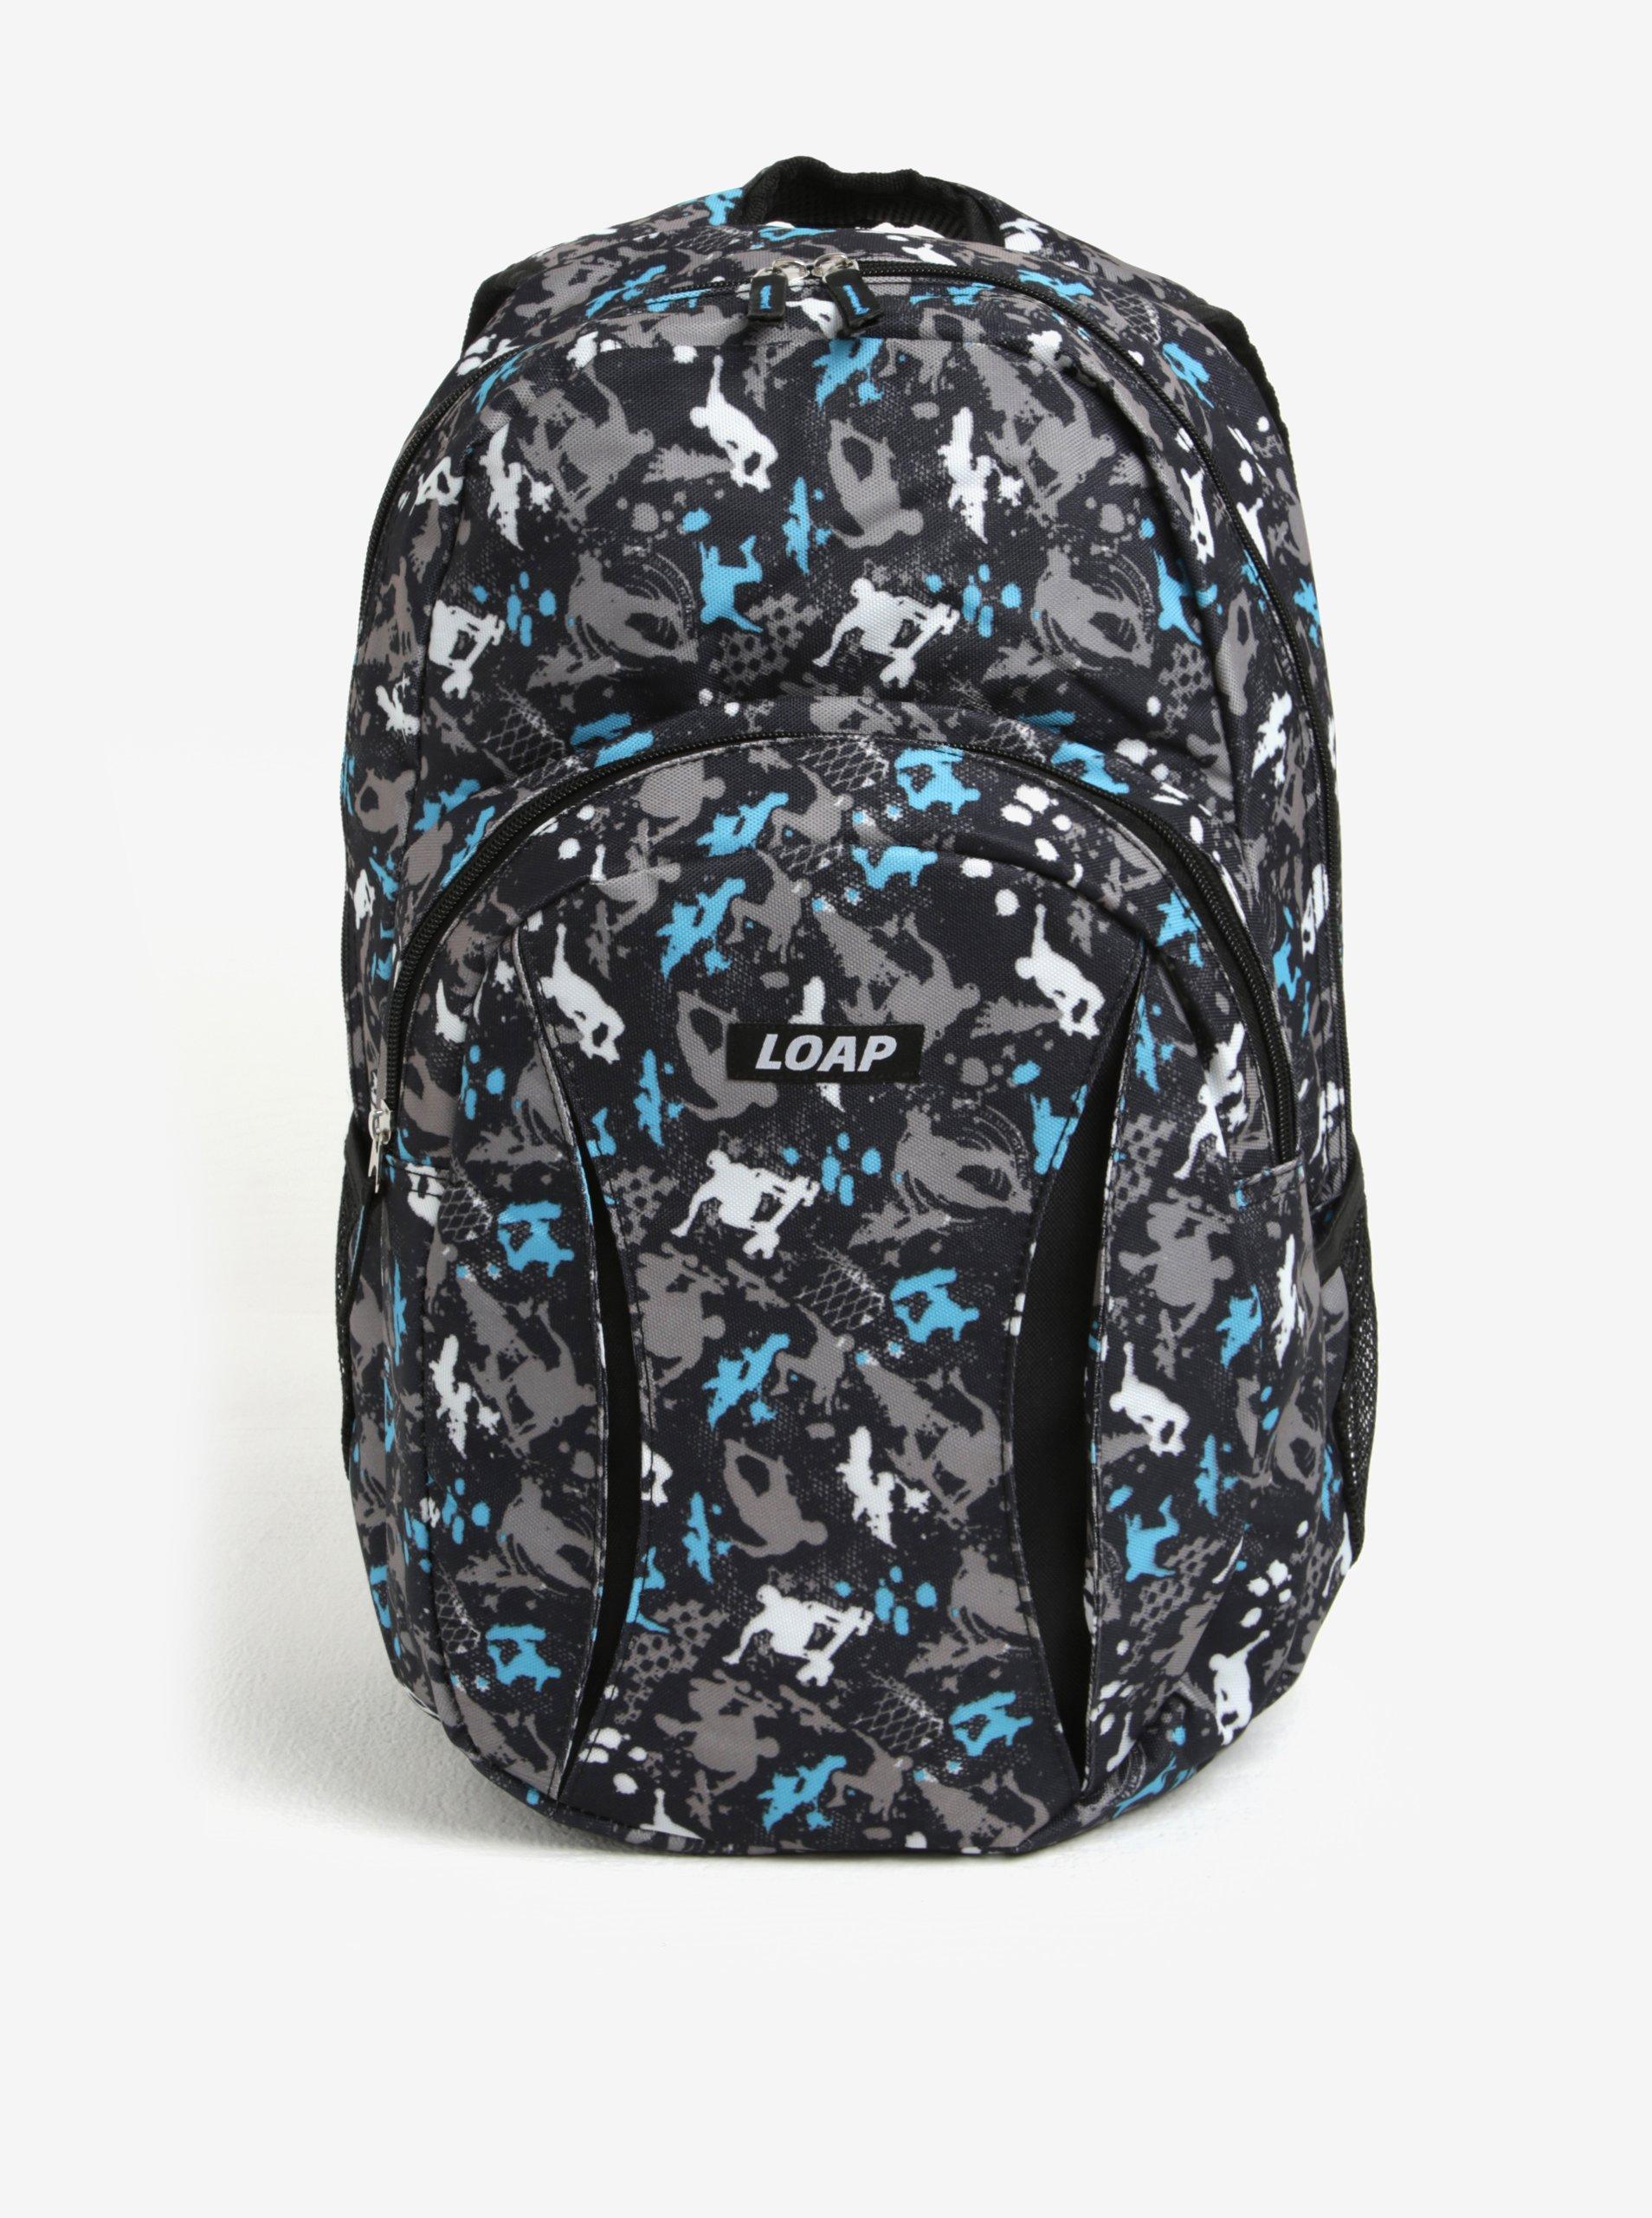 Sivo–modrý vzorovaný batoh LOAP Asso 20 l